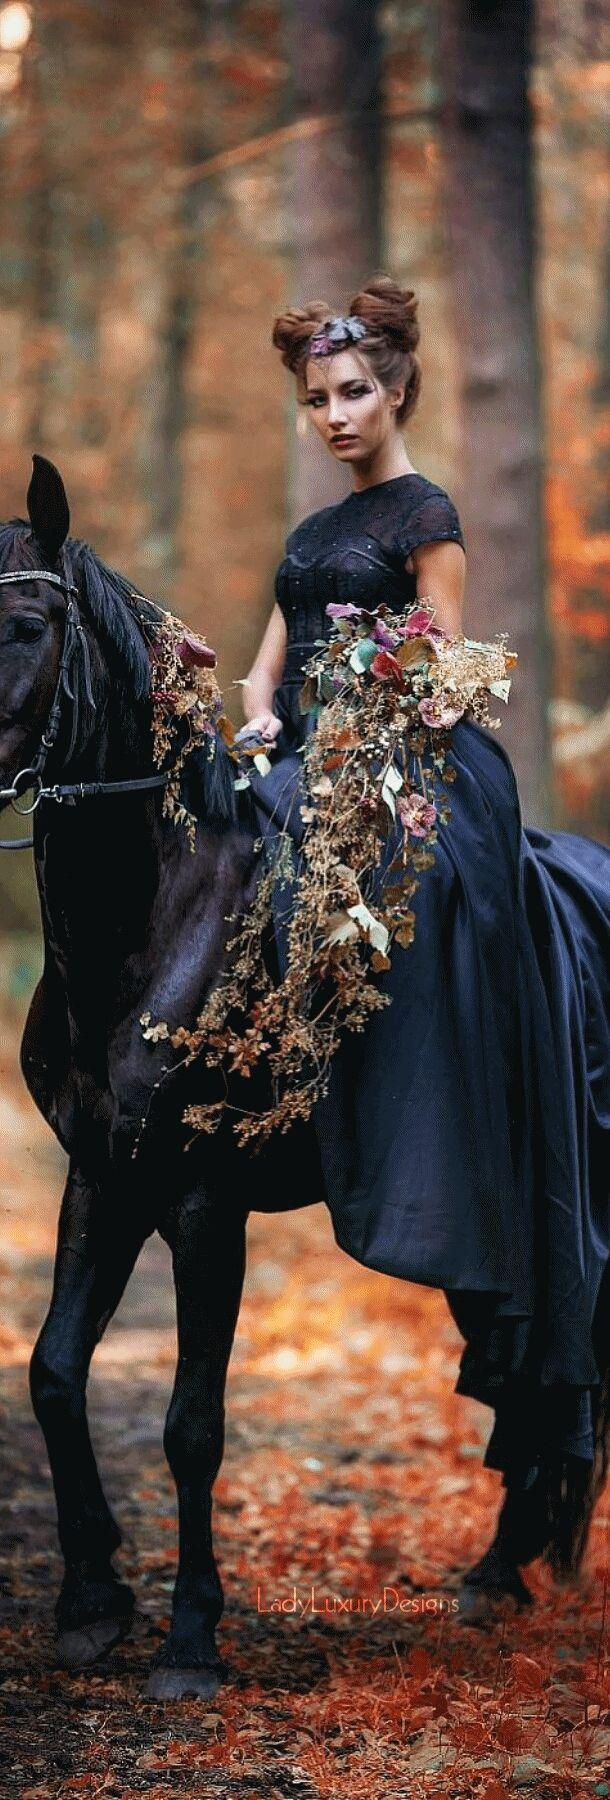 Enchanted Forest - LadyLuxury7